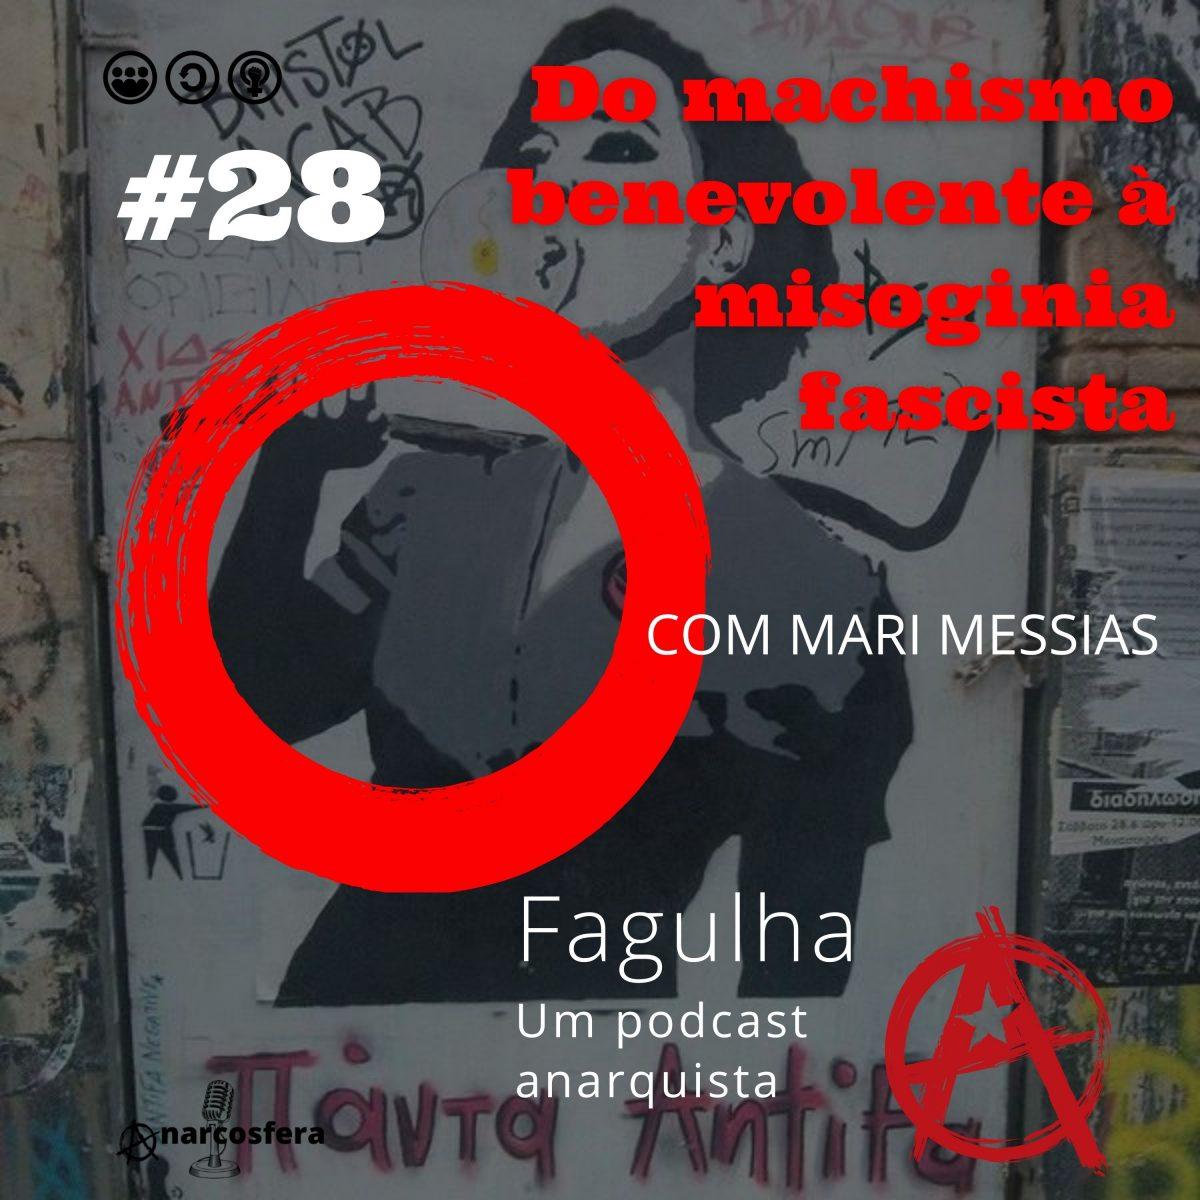 Fagulha #28: Do machismo condescendente à misoginia fascista, com Mari Messias